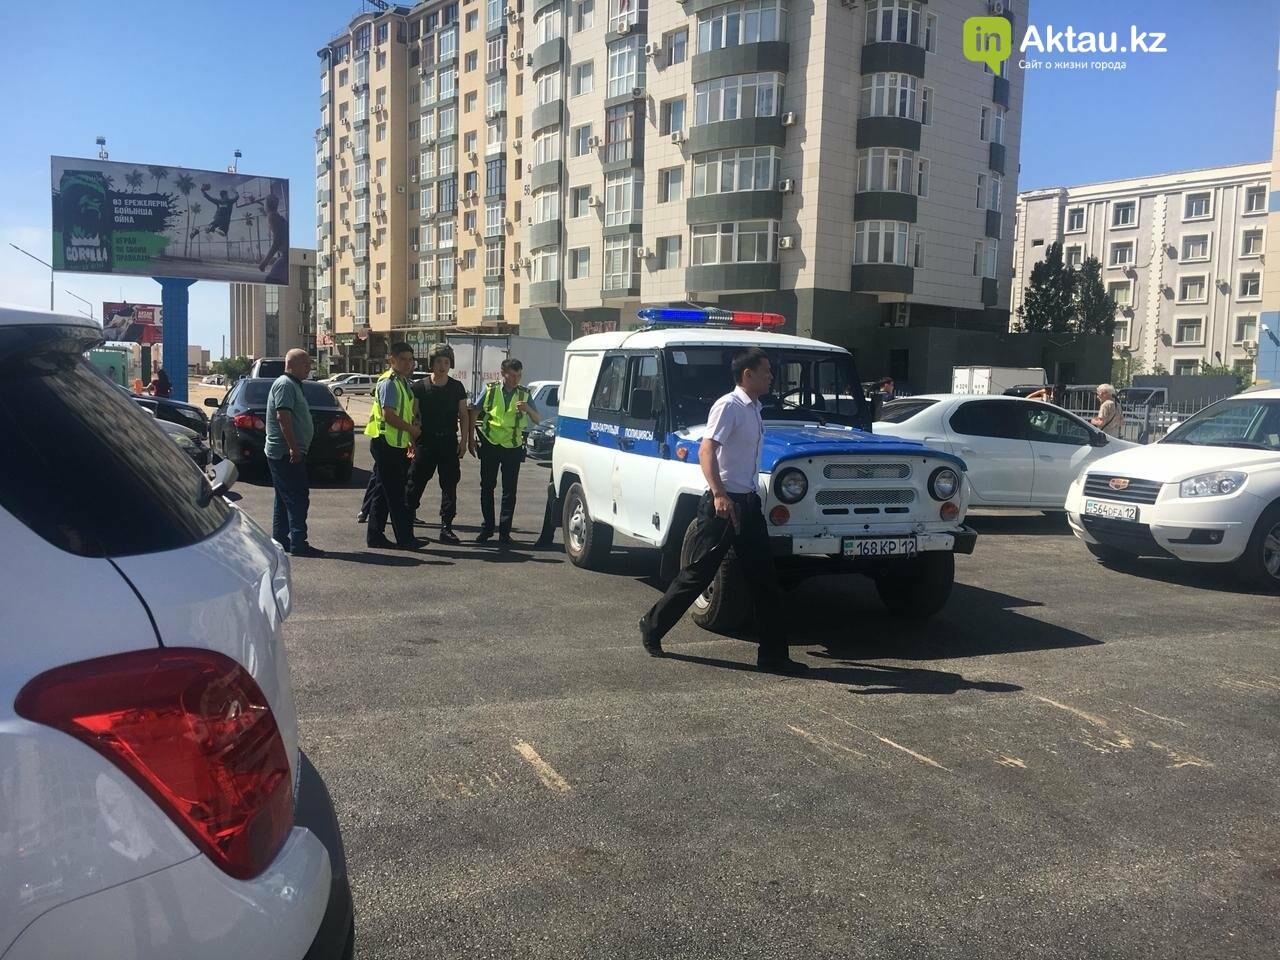 """Очевидцы: На отделение """"Цеснабанка"""" в Актау напали вооружённые люди (ДОПОЛНЕНО), фото-3"""